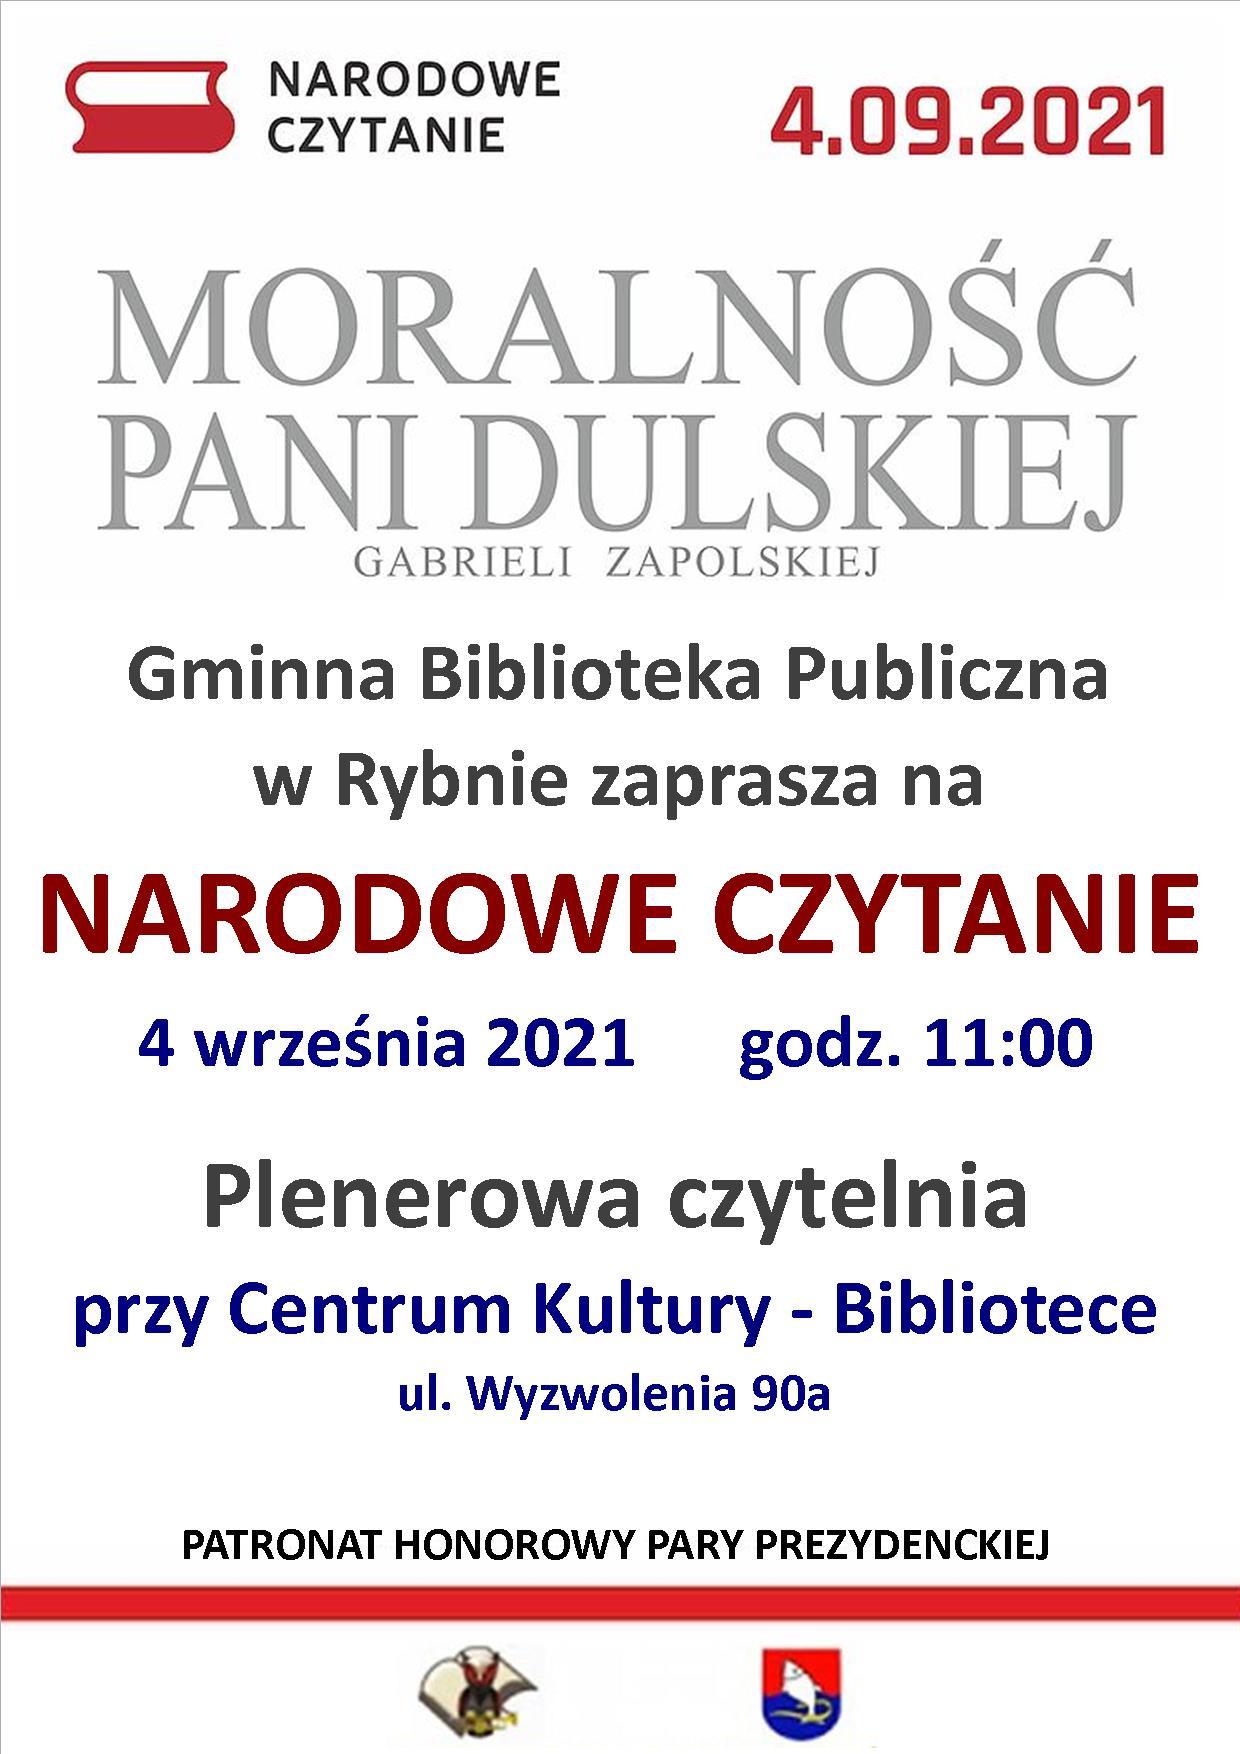 plakat informujący o akcji Narodowe Czytanie